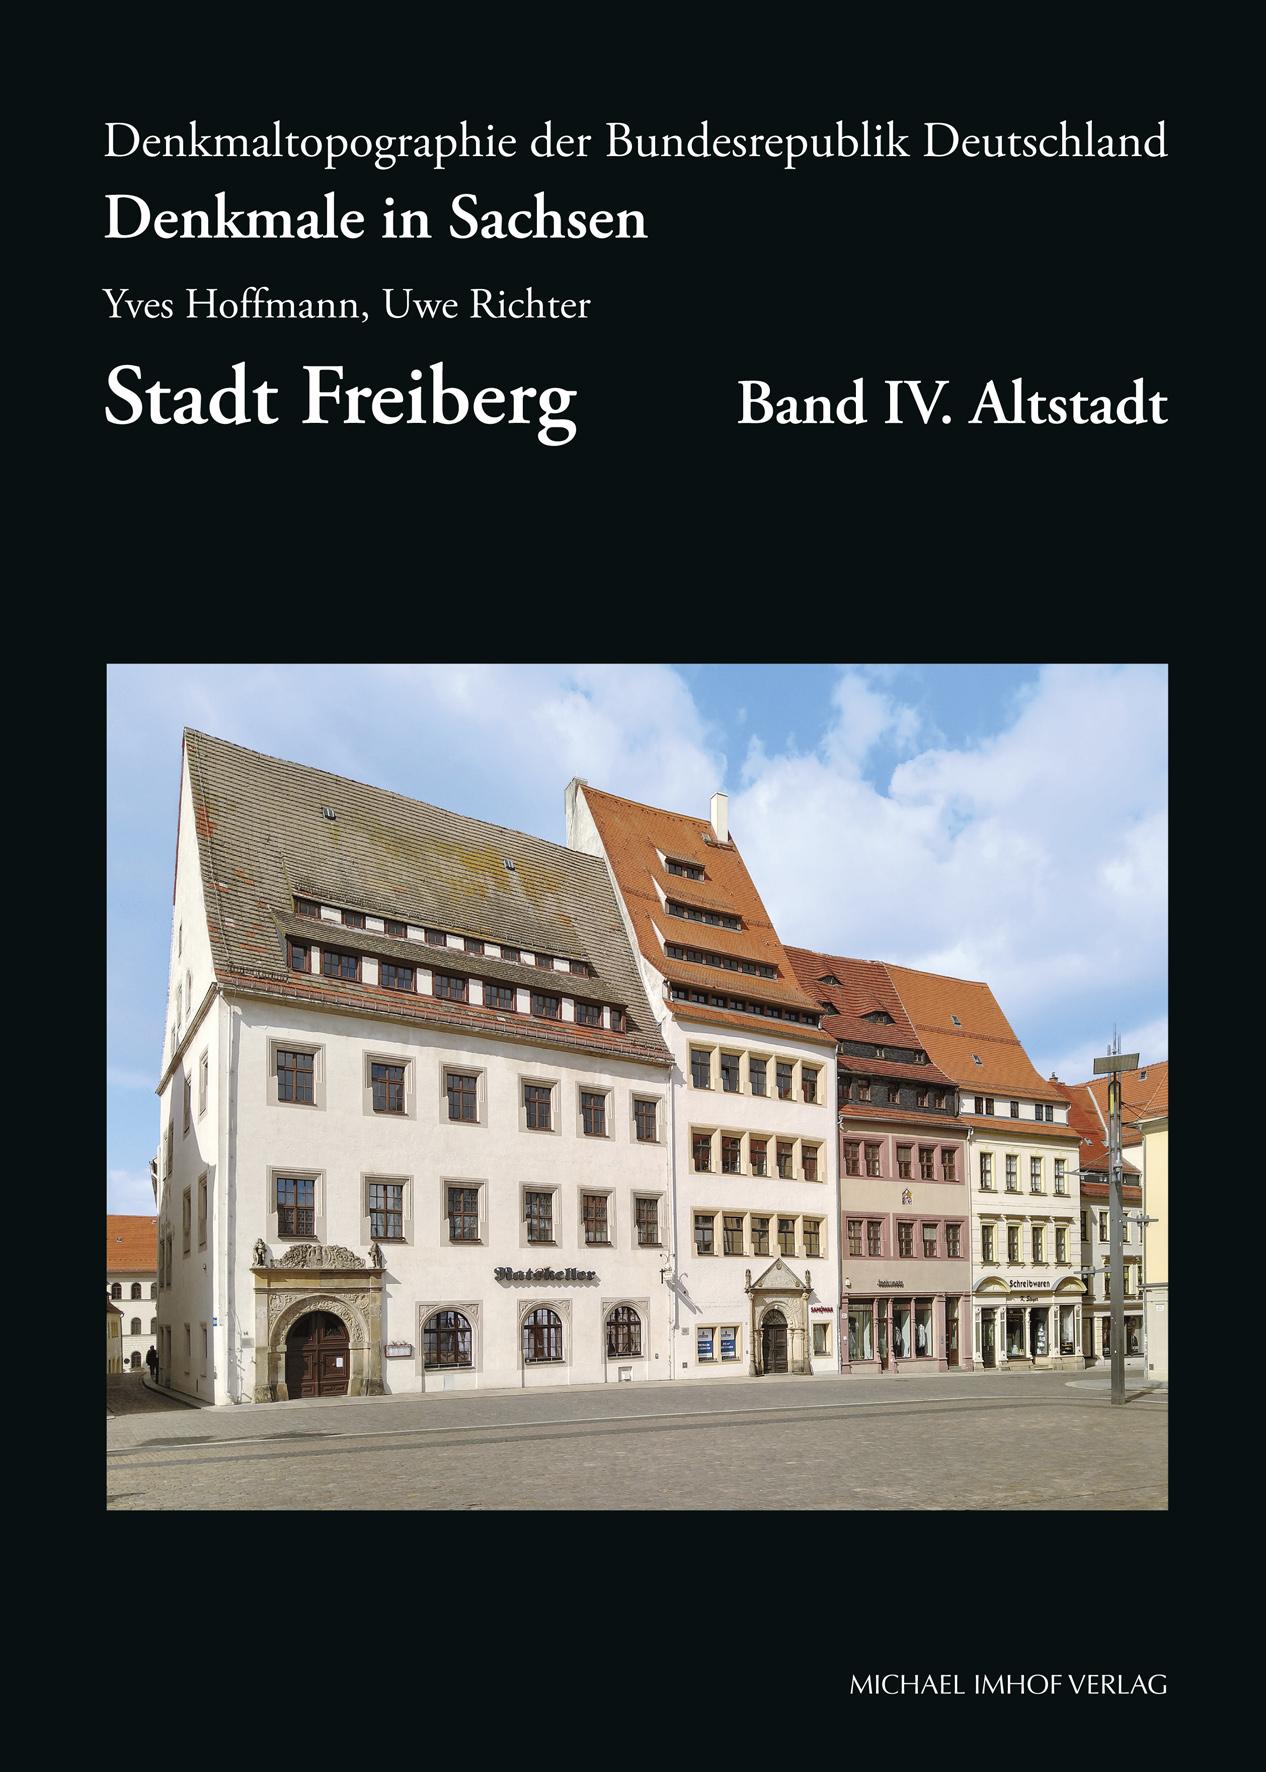 Denkmaltopographie Freiberg Umschlag_Layout 1